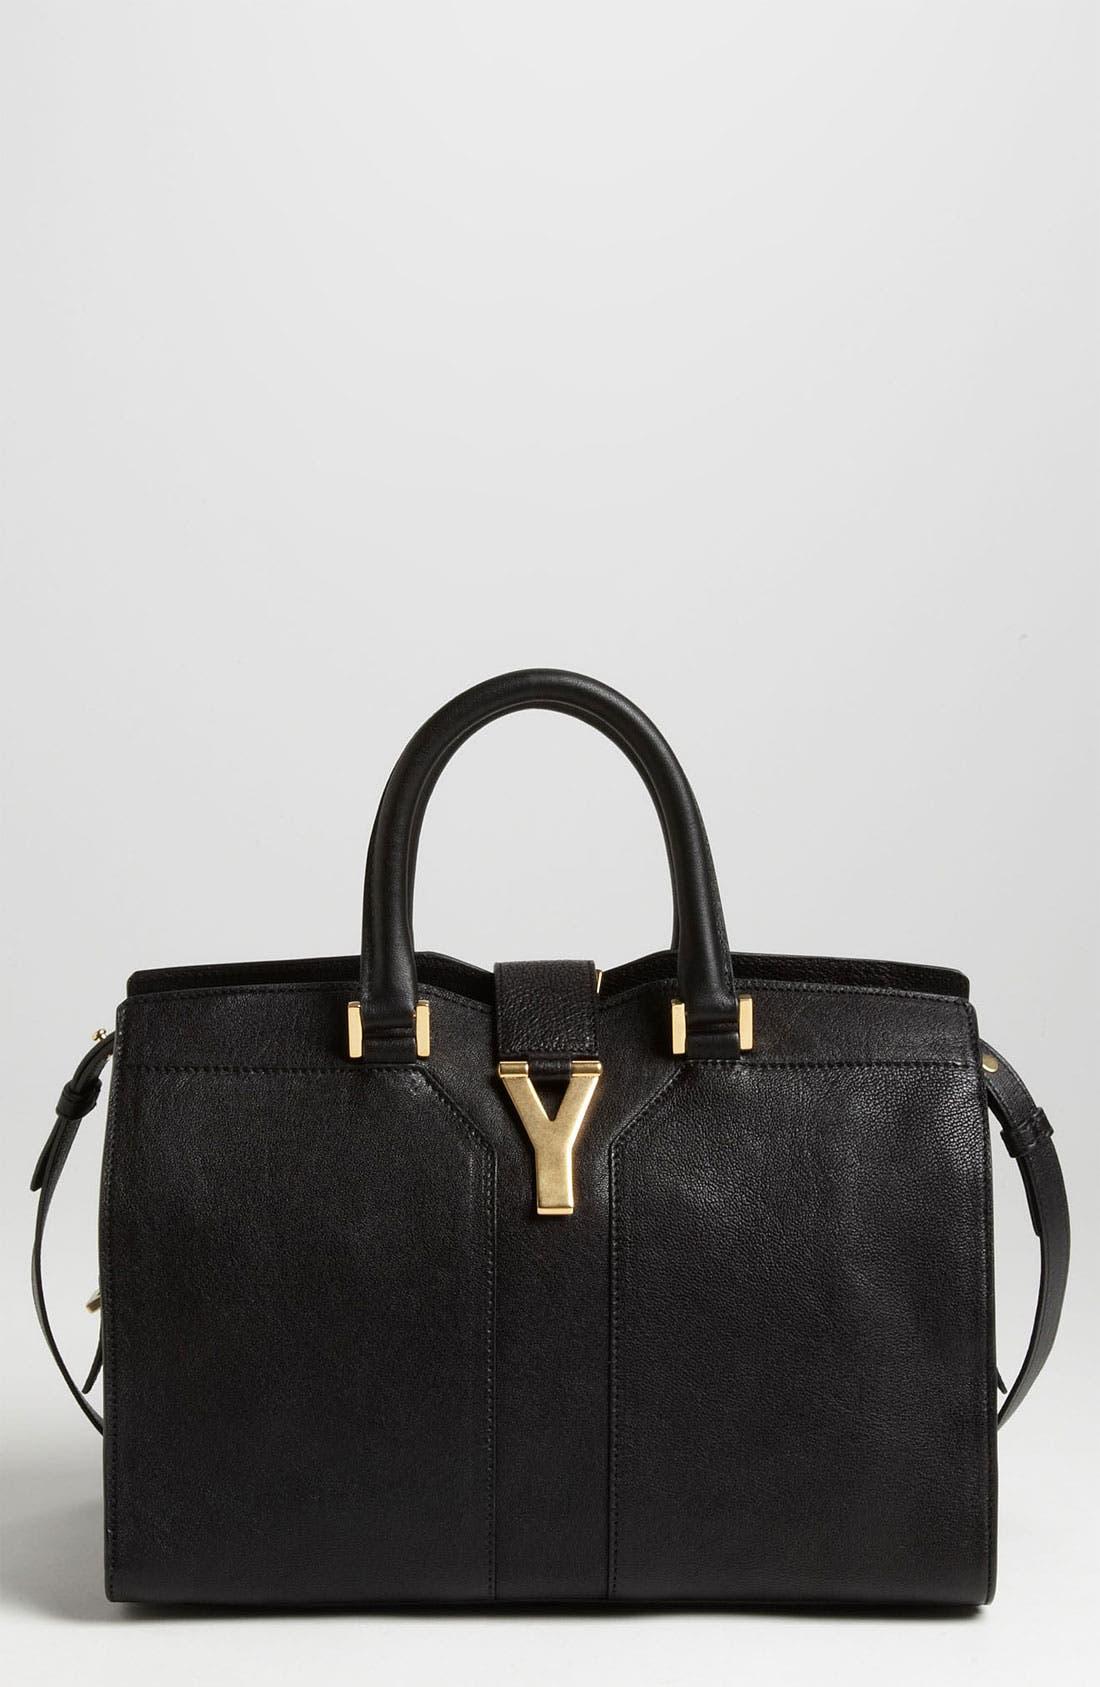 Alternate Image 1 Selected - Saint Laurent Paris 'Cabas Chyc - Mini' Leather